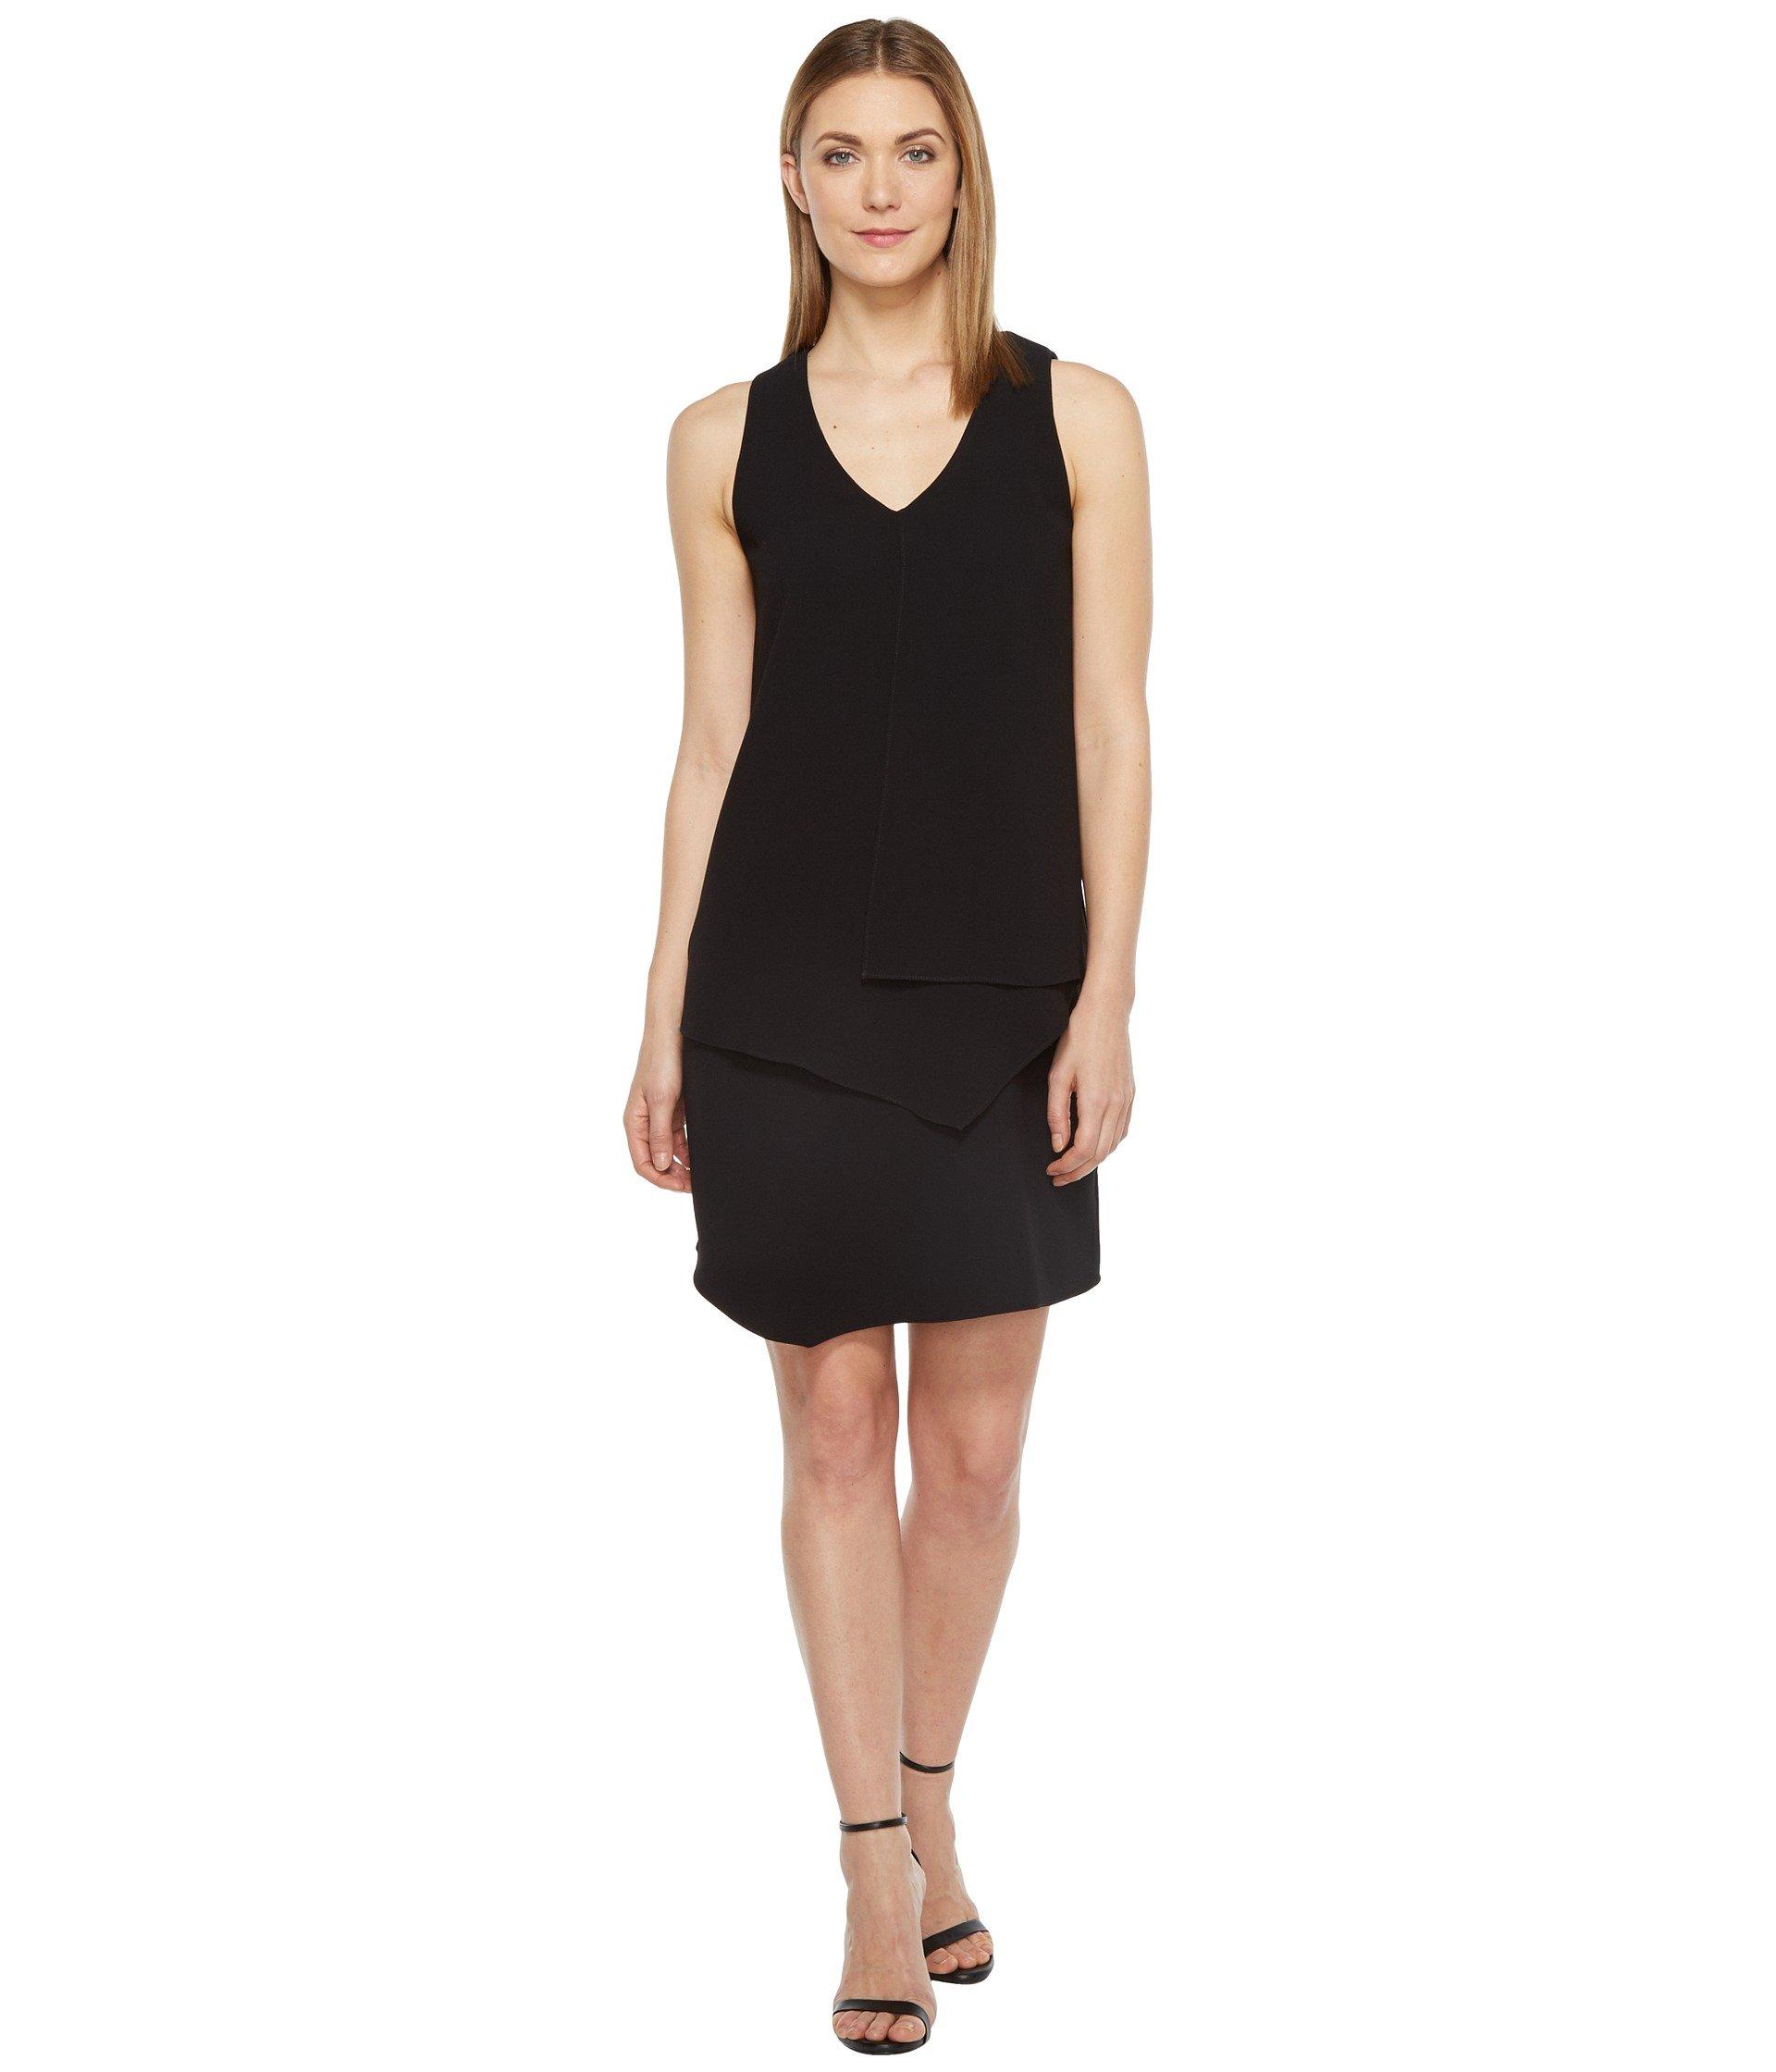 Layered Angle Dress